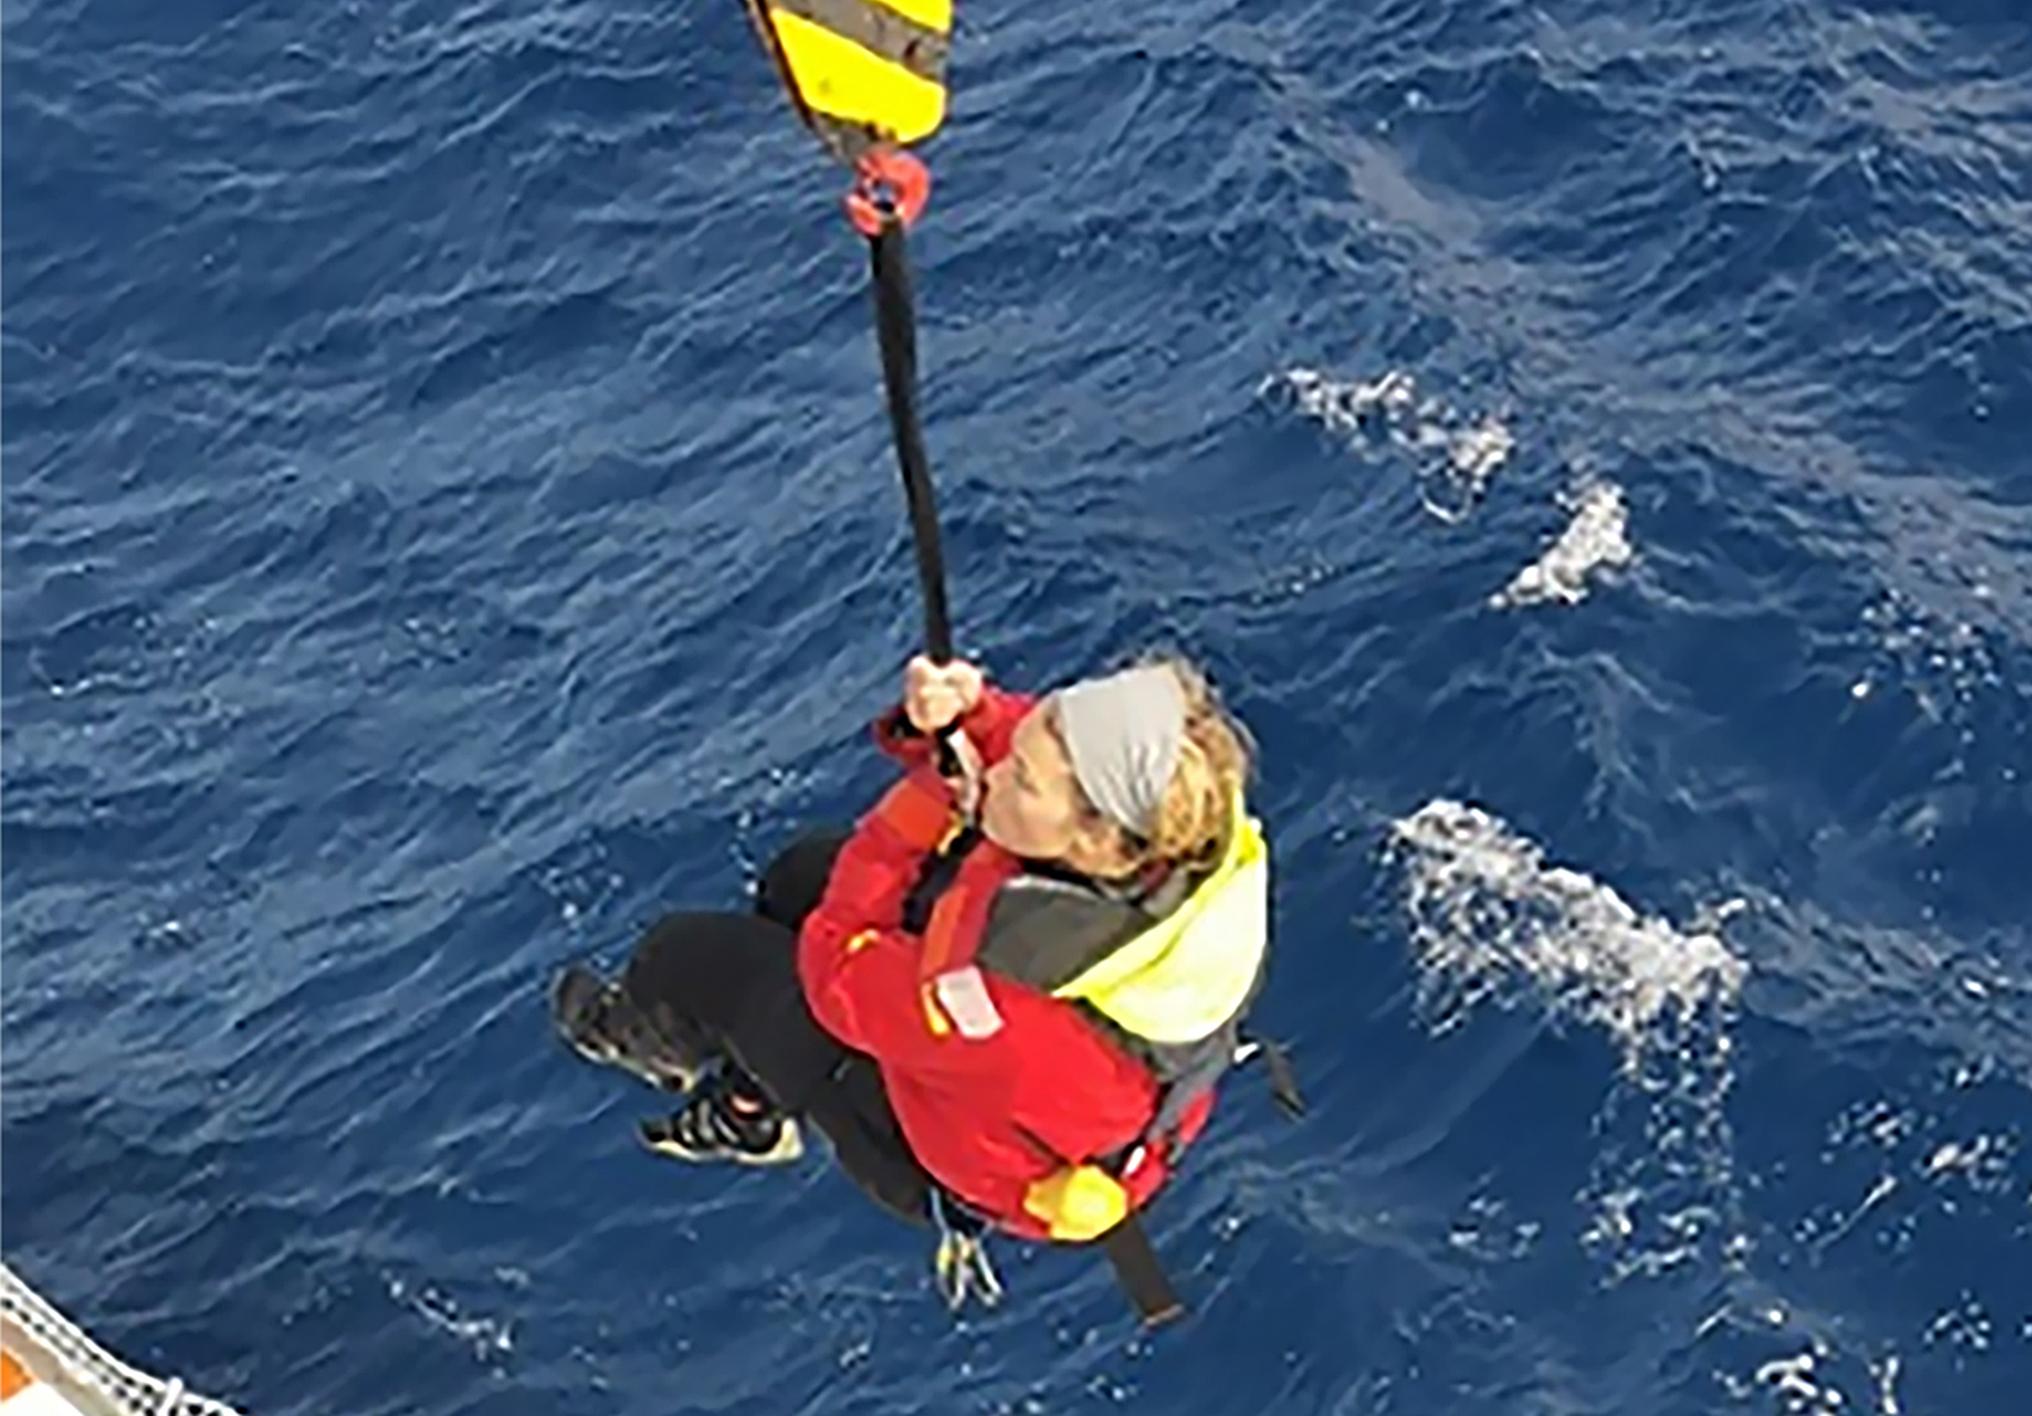 Egy 40 ezer tonnás konténerszállító hajó mentette meg a tengeren hánykolódó vitorlázót